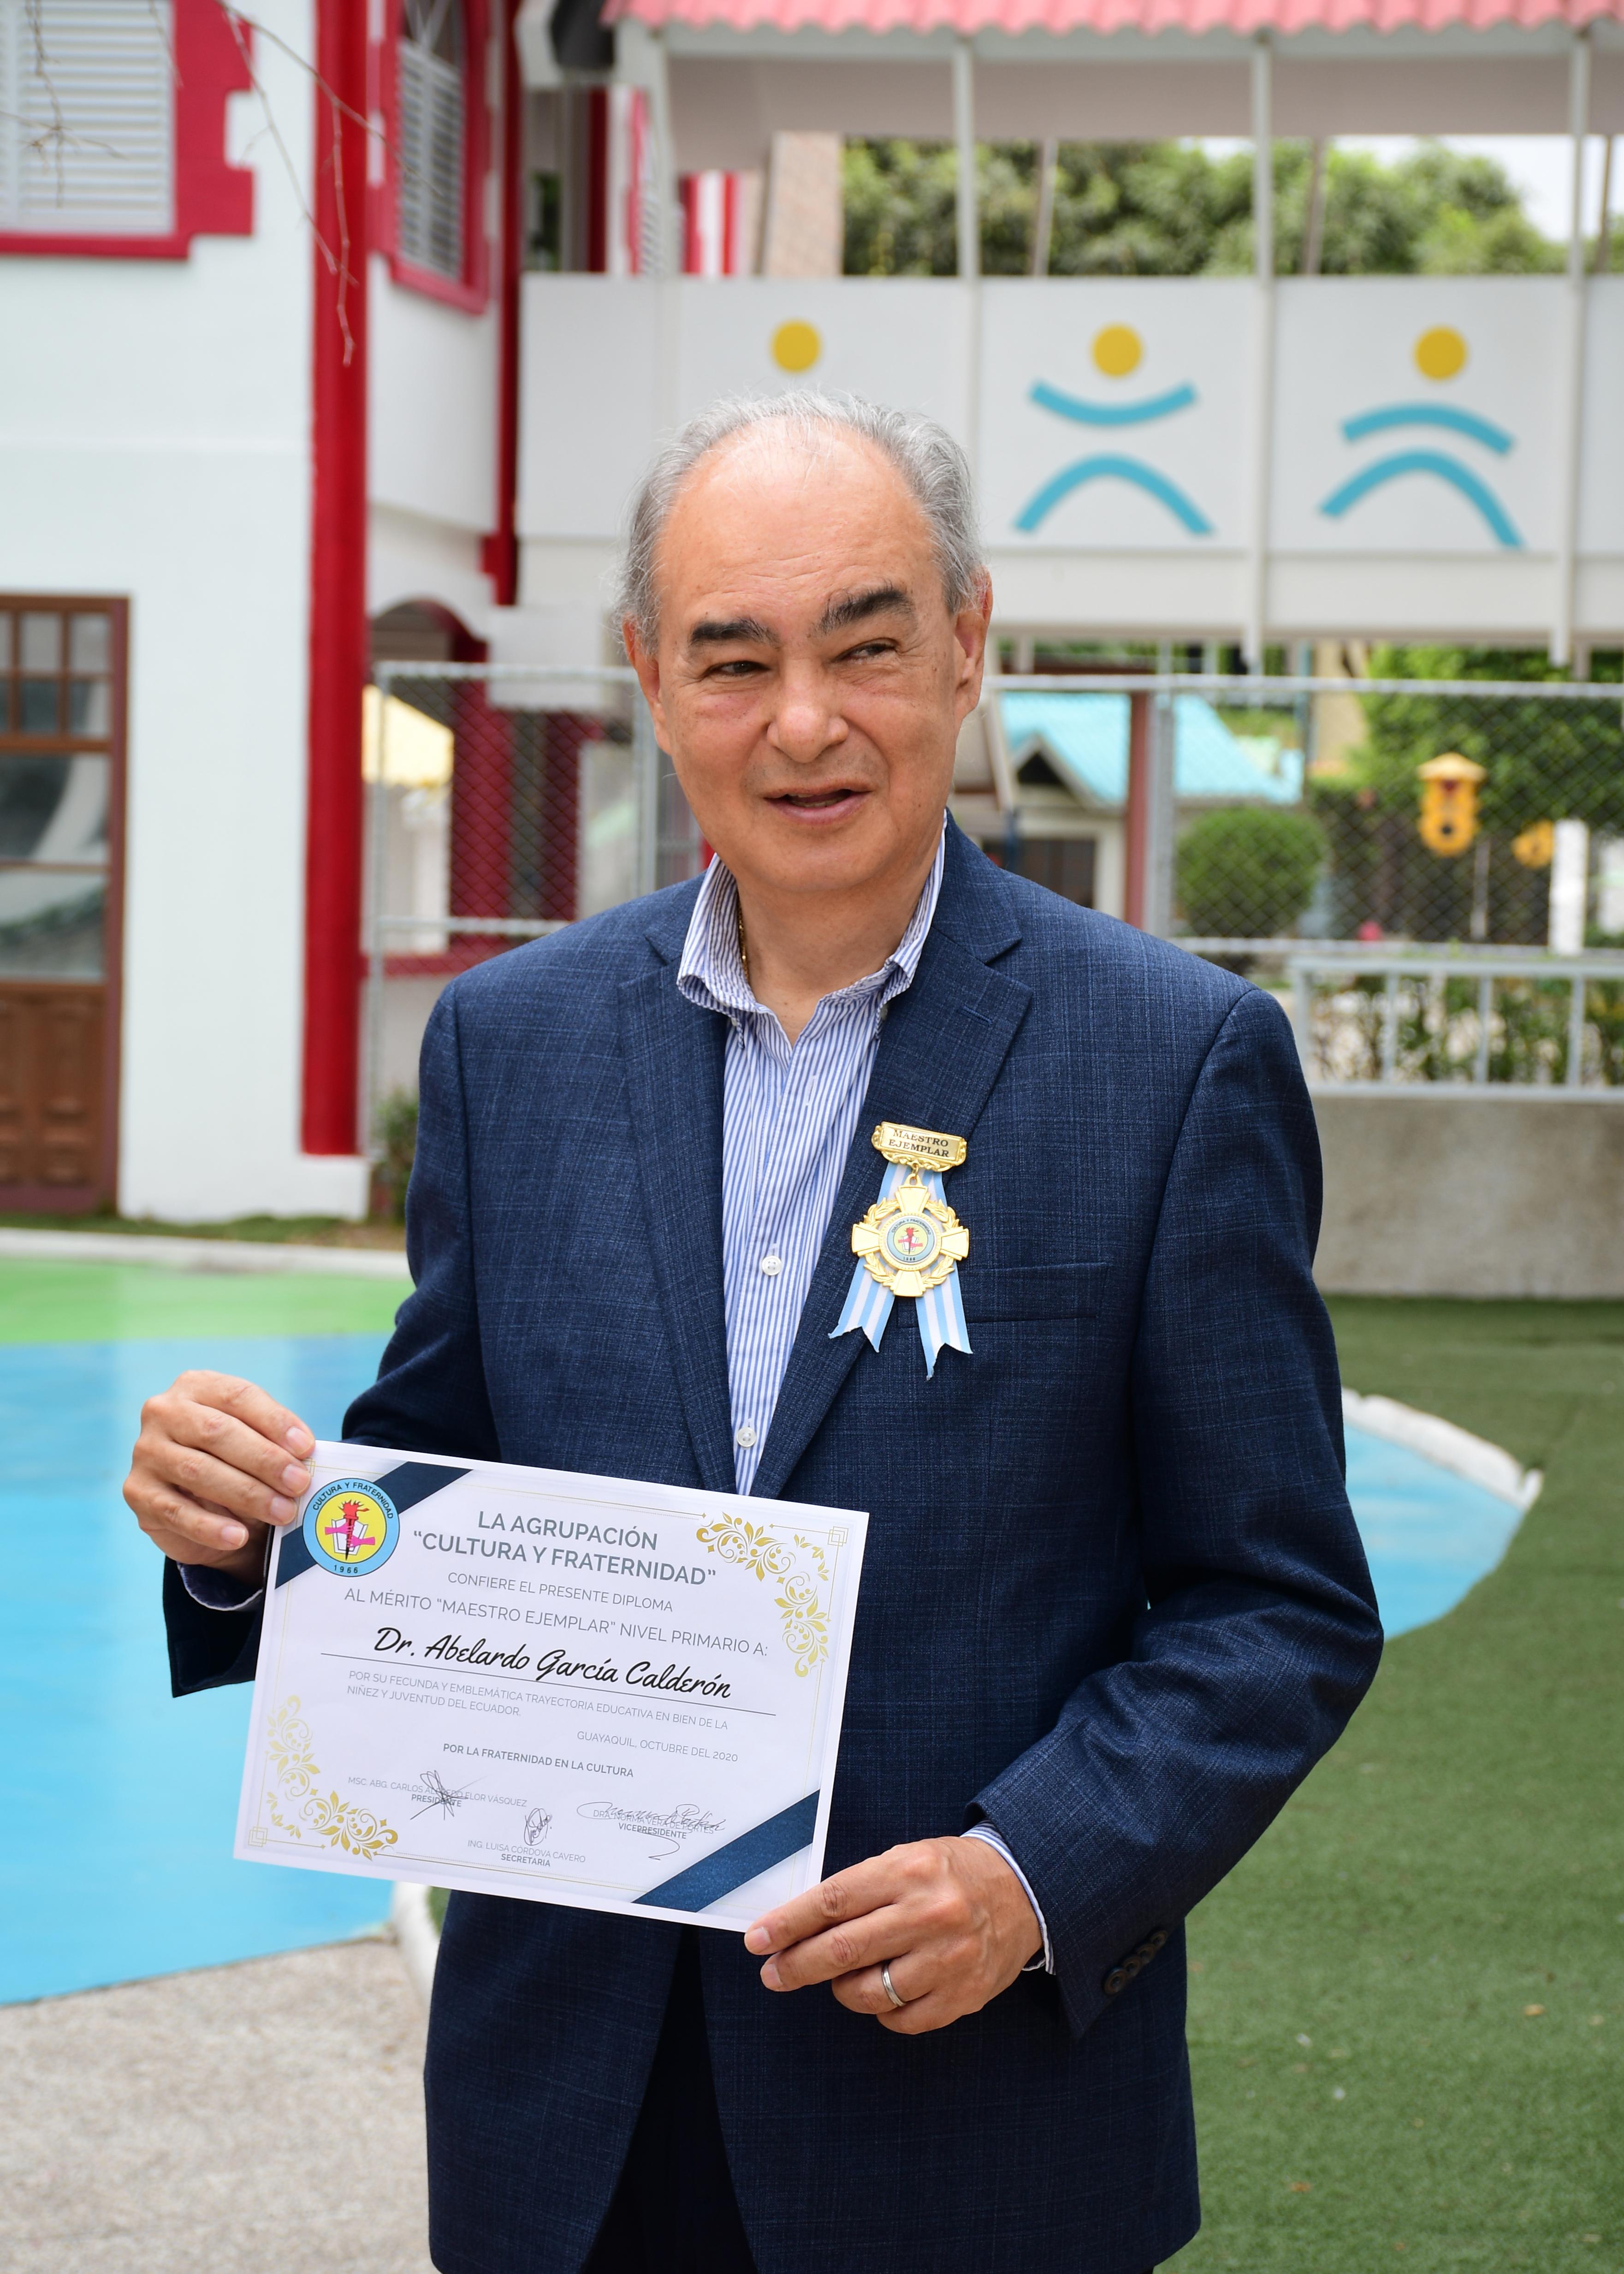 Reconocimiento al Dr. Abelardo García Calderón